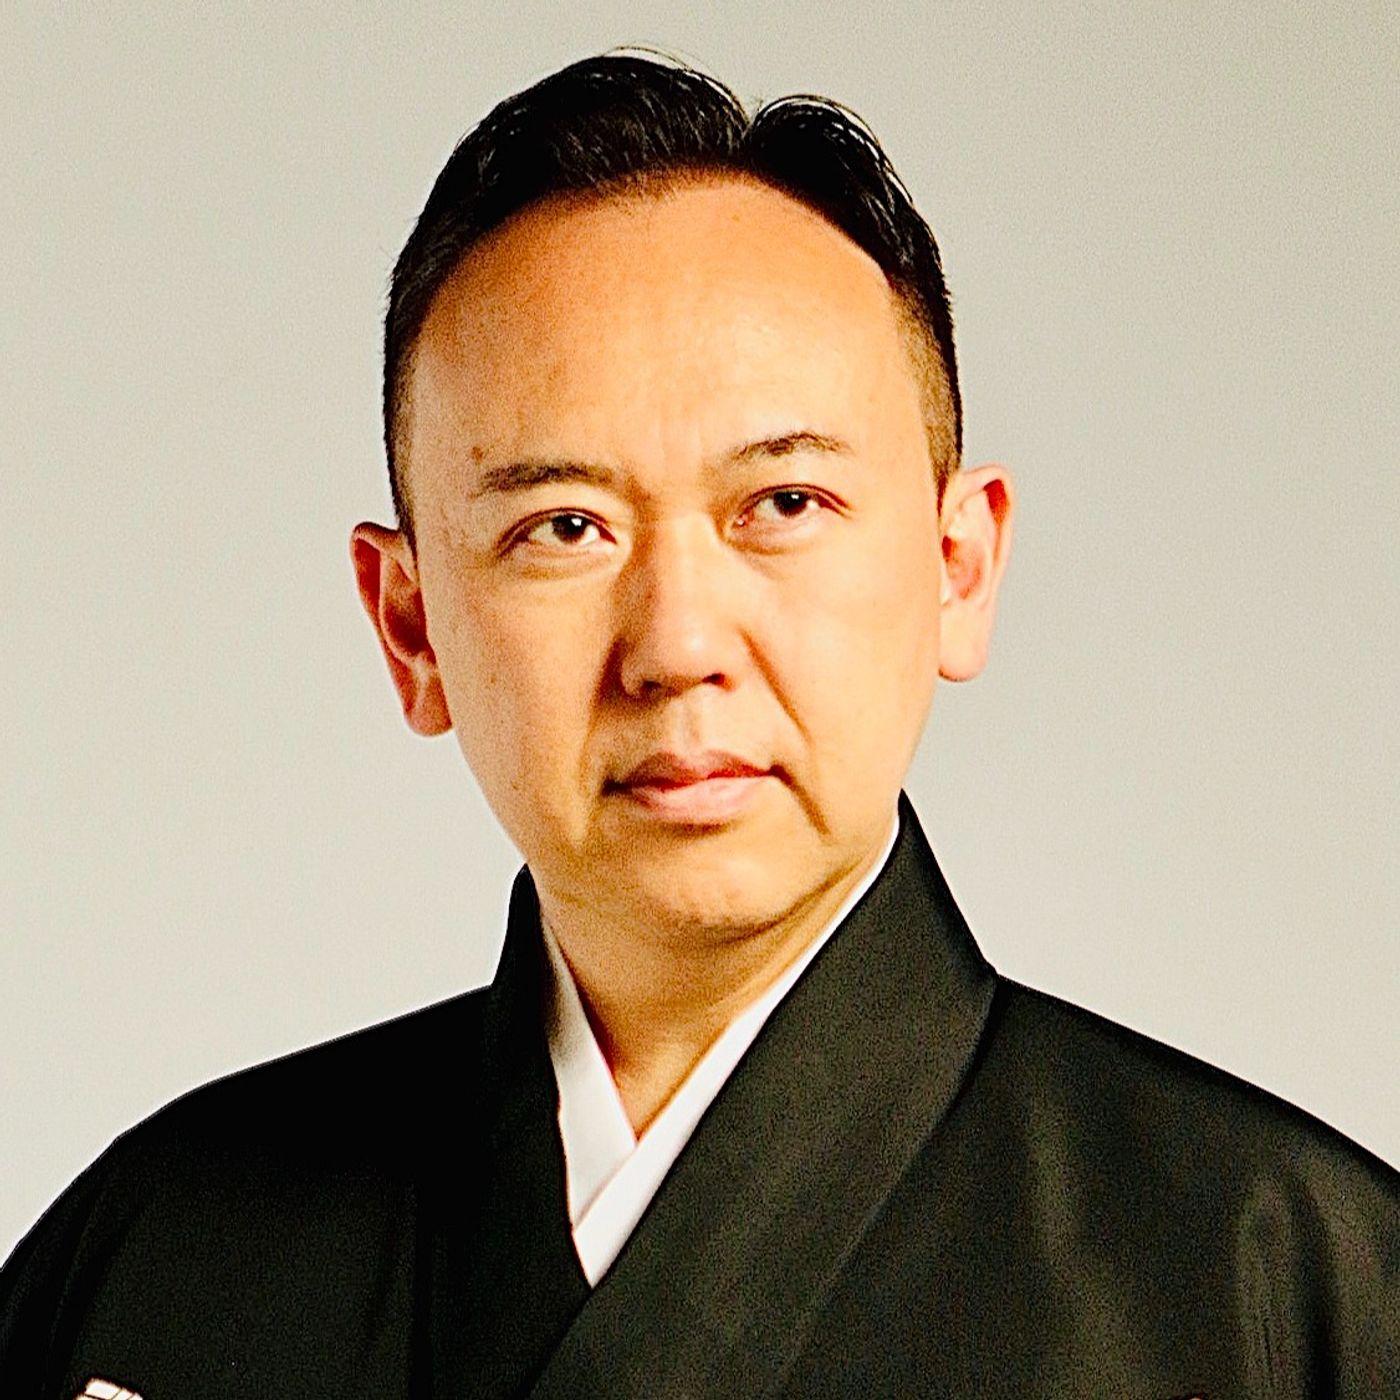 Miso, Soy and Samurai: Unique Food Culture of Aichi